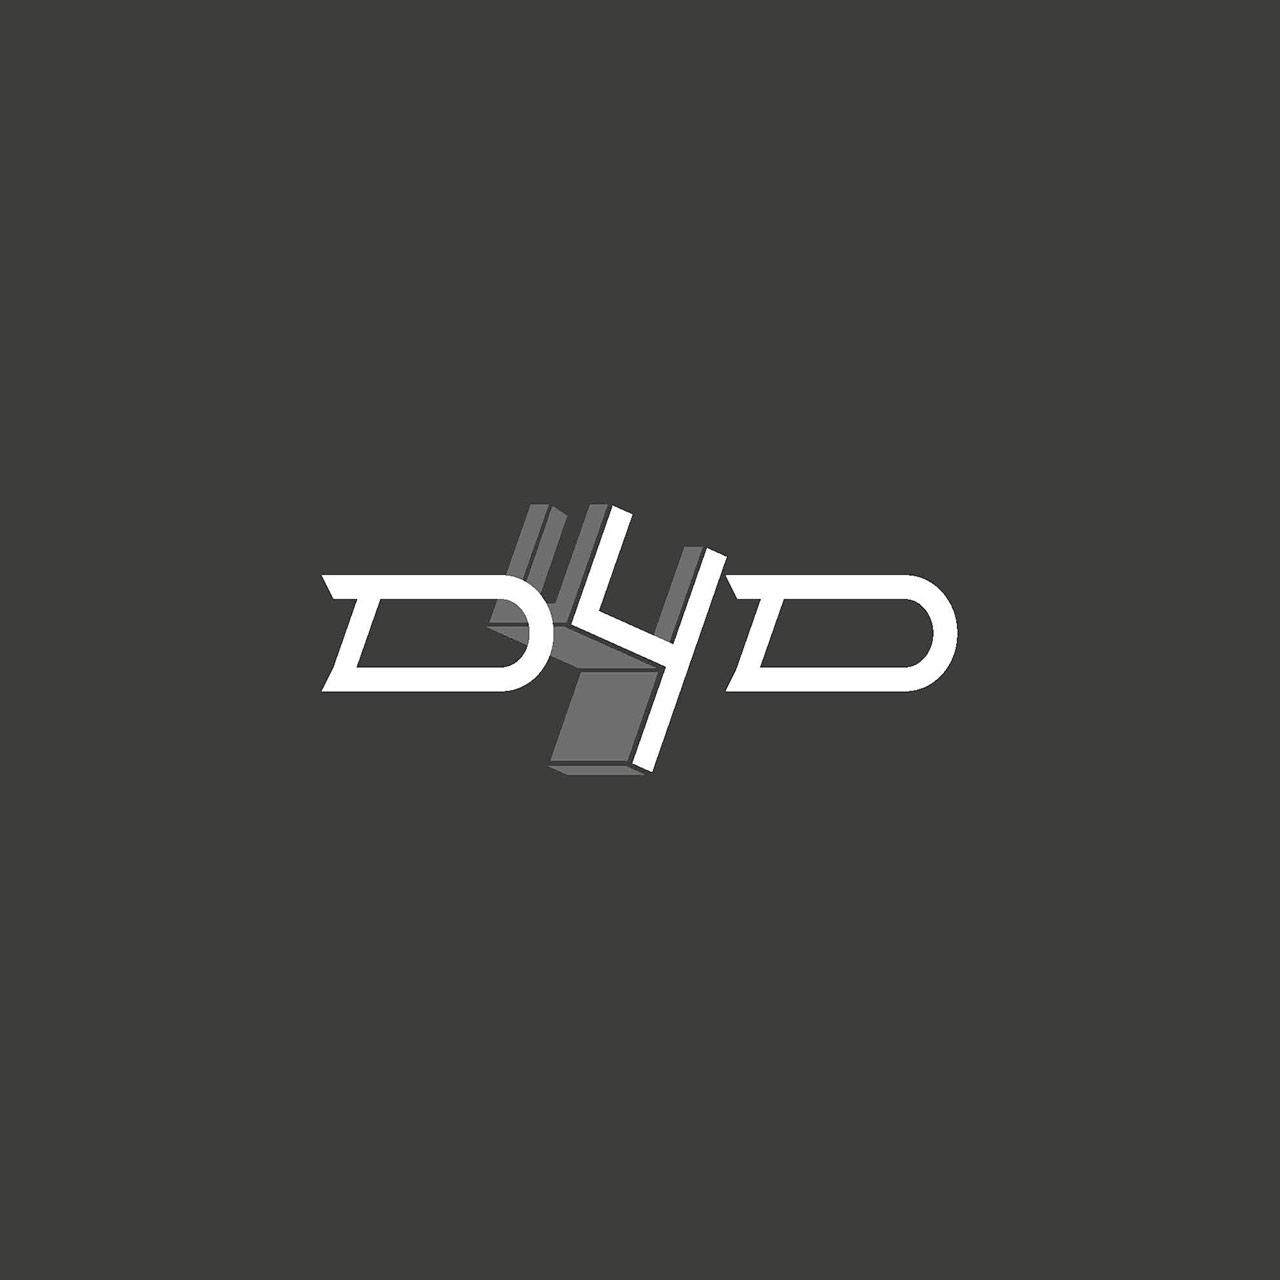 D4D_logotipa_dizains_logotype_design_2